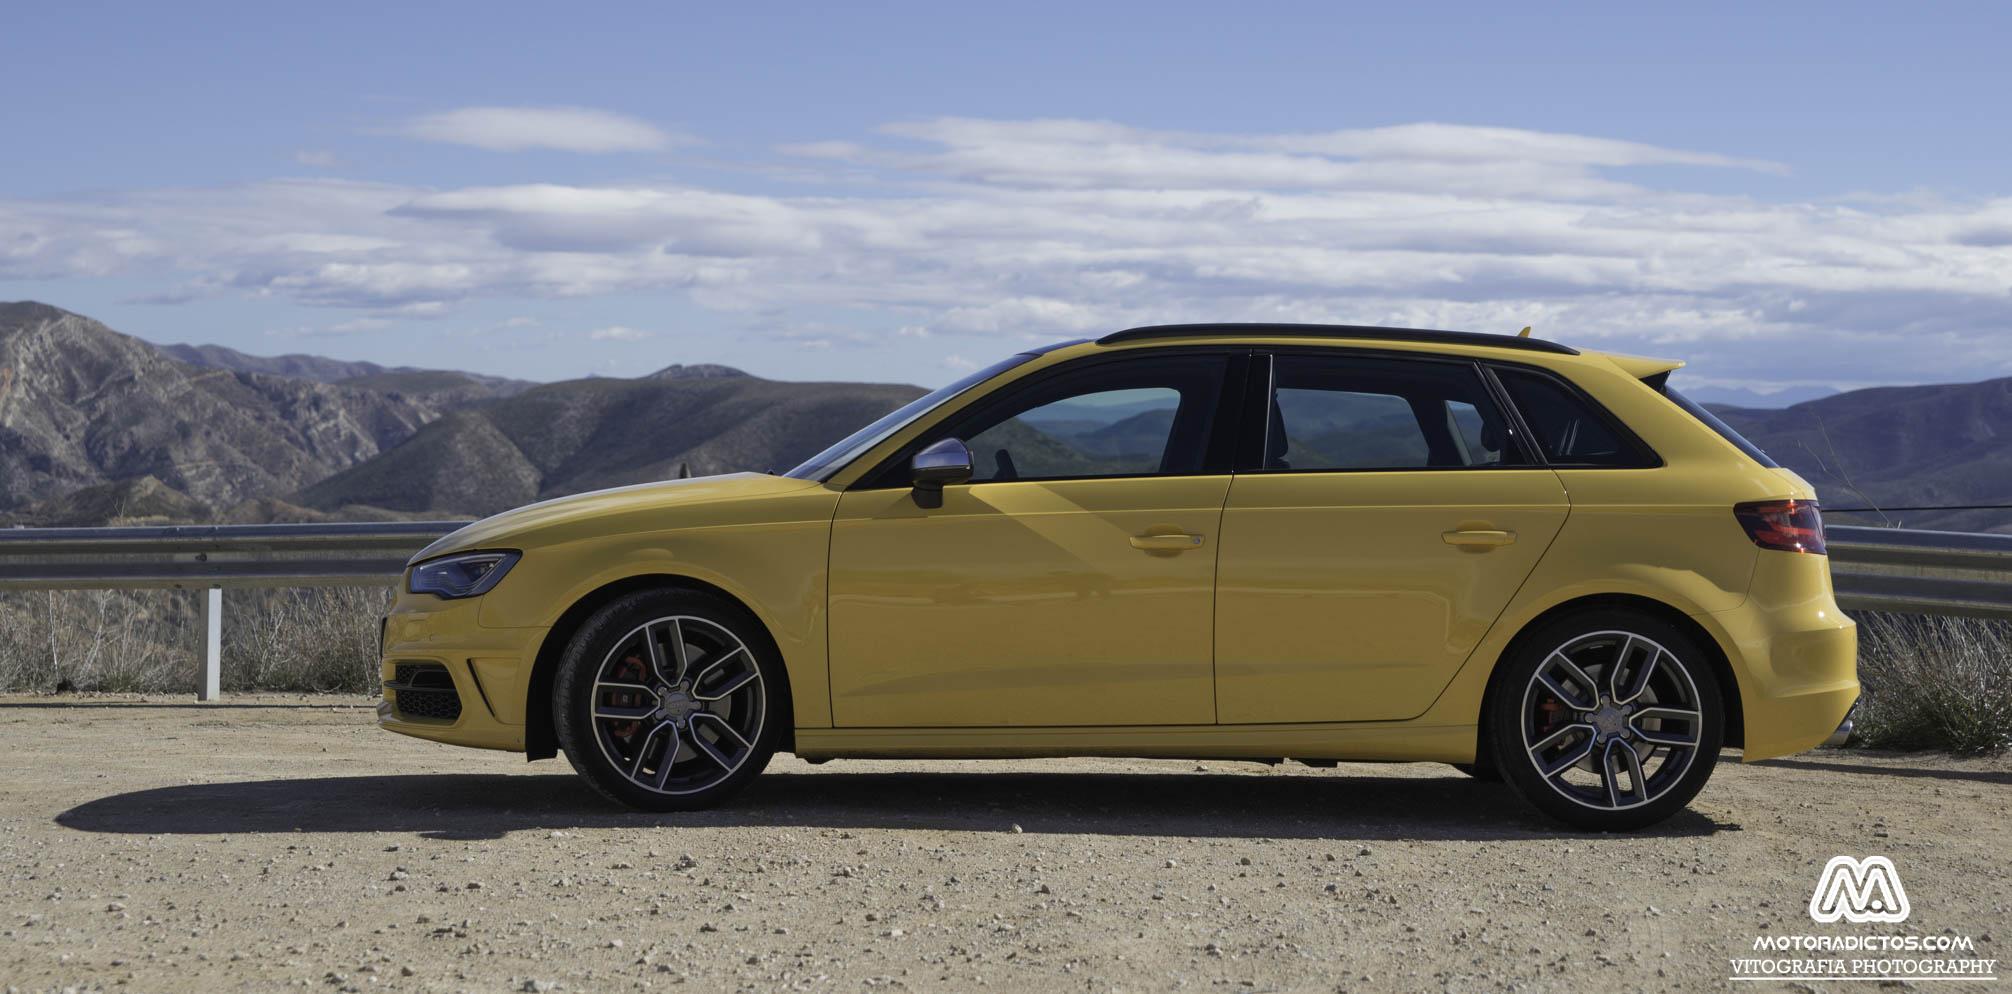 Prueba: Audi S3 Sportback 2.0 TFSI Quattro (diseño, habitáculo, mecánica) 2